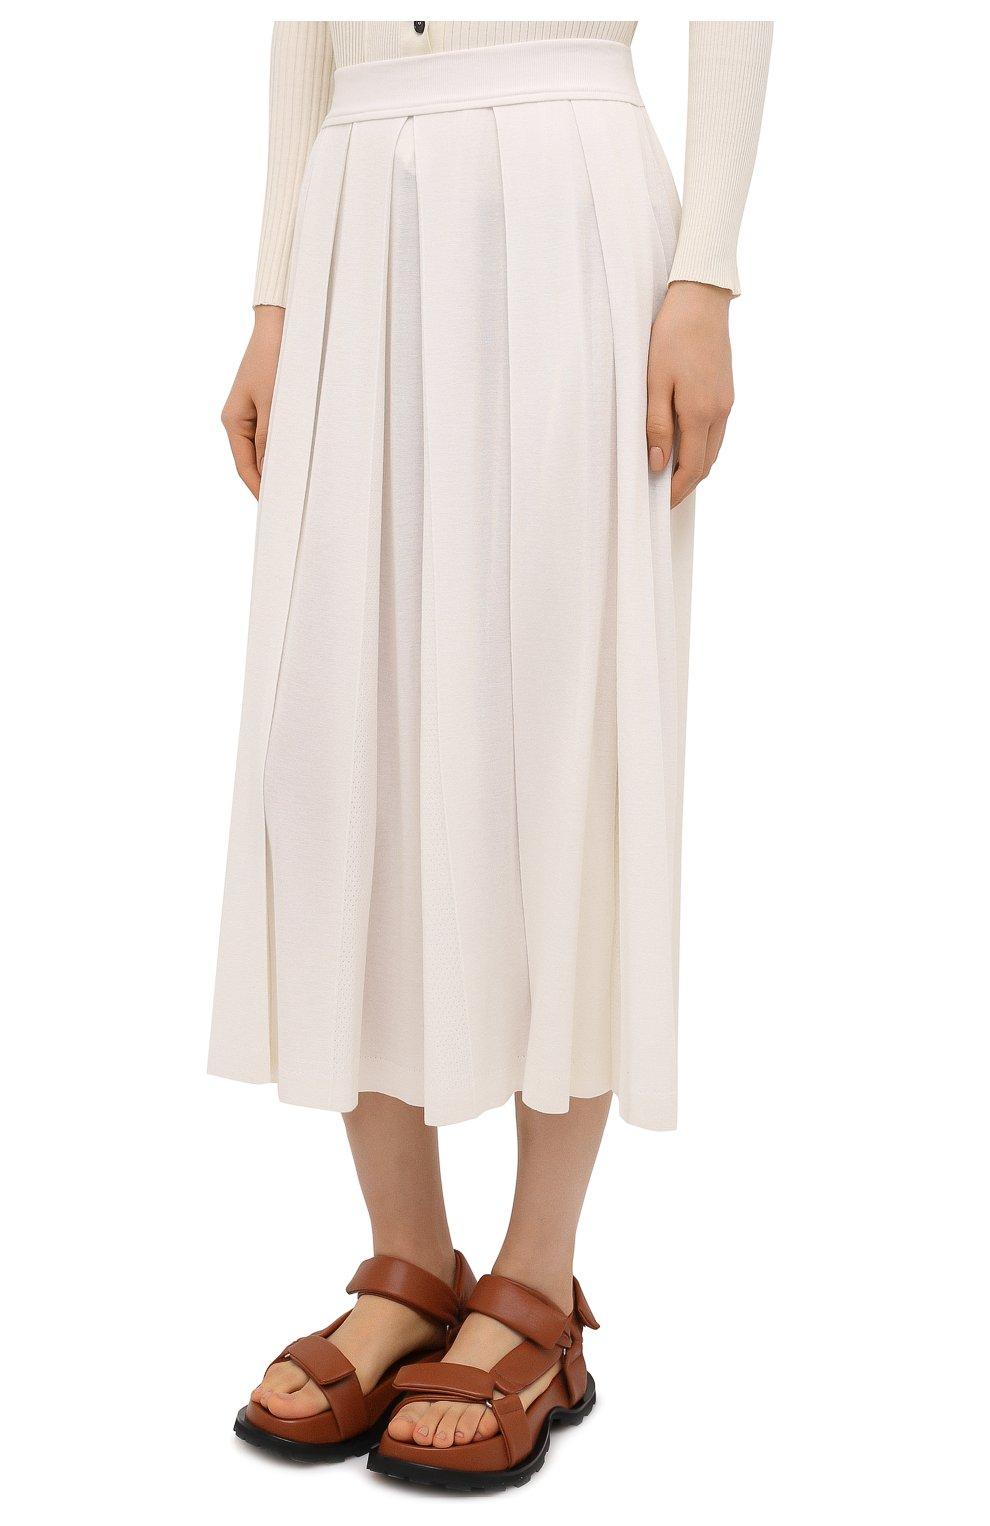 Женская юбка из кашемира и шелка LORO PIANA белого цвета, арт. FAL5239 | Фото 3 (Материал внешний: Шерсть, Шелк, Кашемир; Женское Кросс-КТ: юбка-плиссе, Юбка-одежда; Длина Ж (юбки, платья, шорты): Миди; Стили: Романтичный)